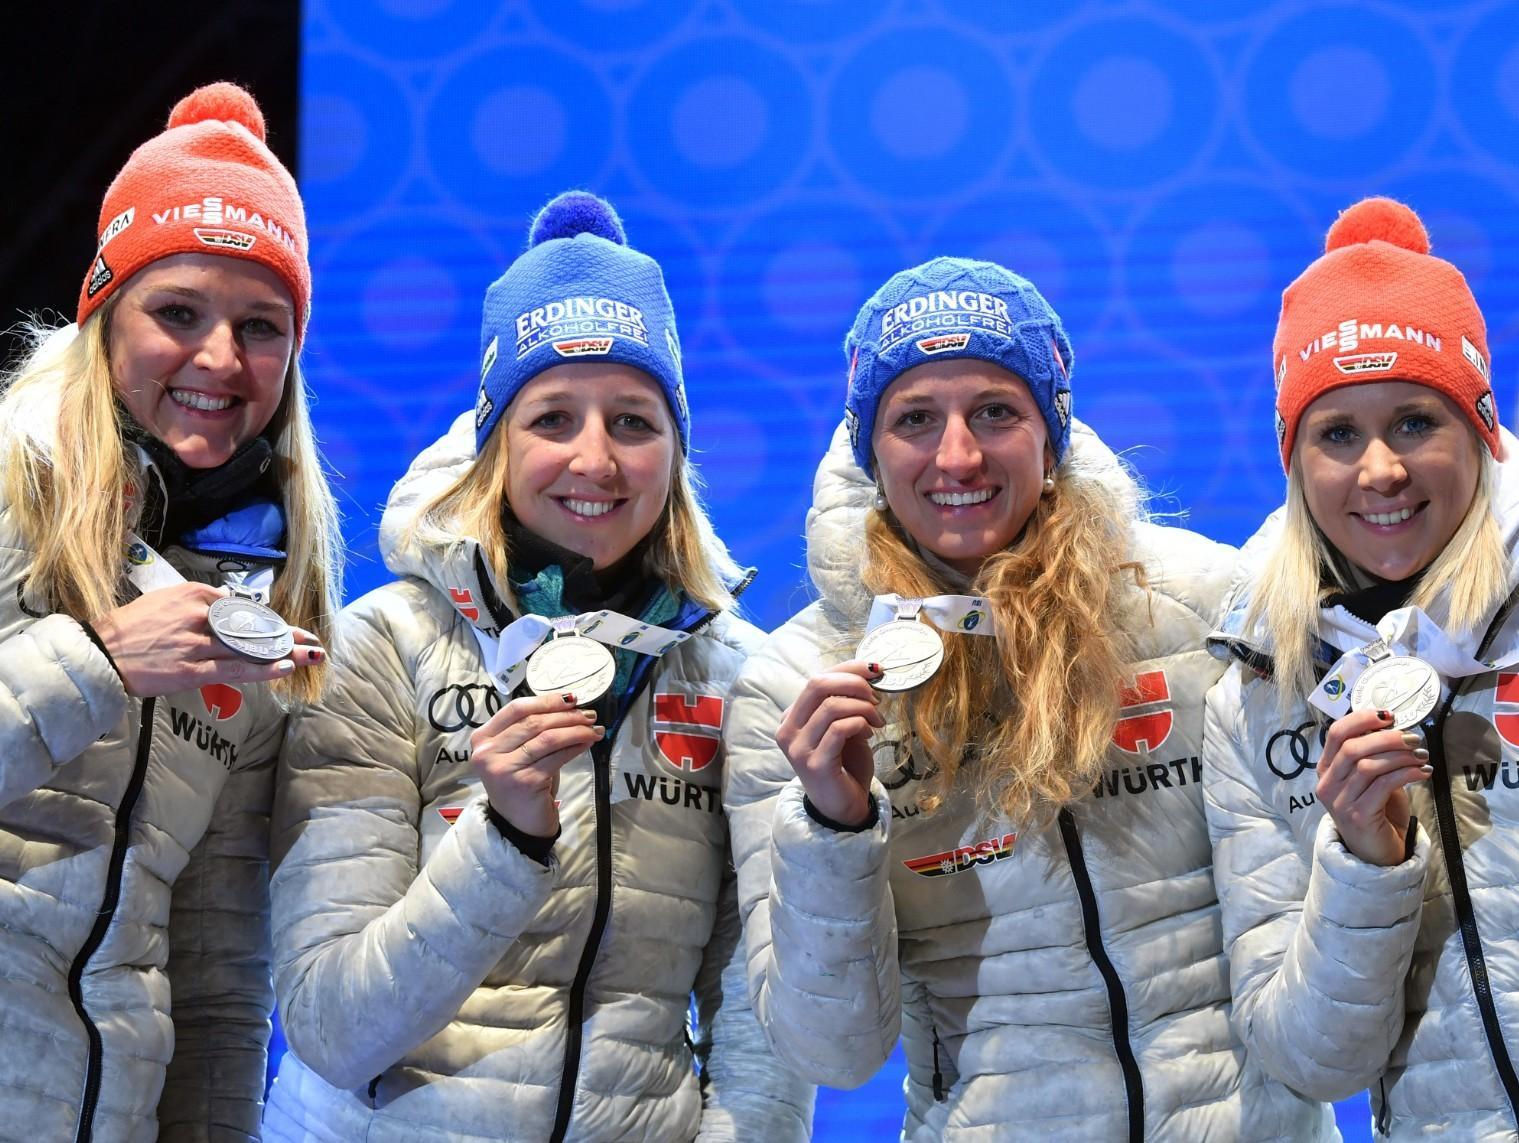 Oberhof Biathlon 2021 Termine